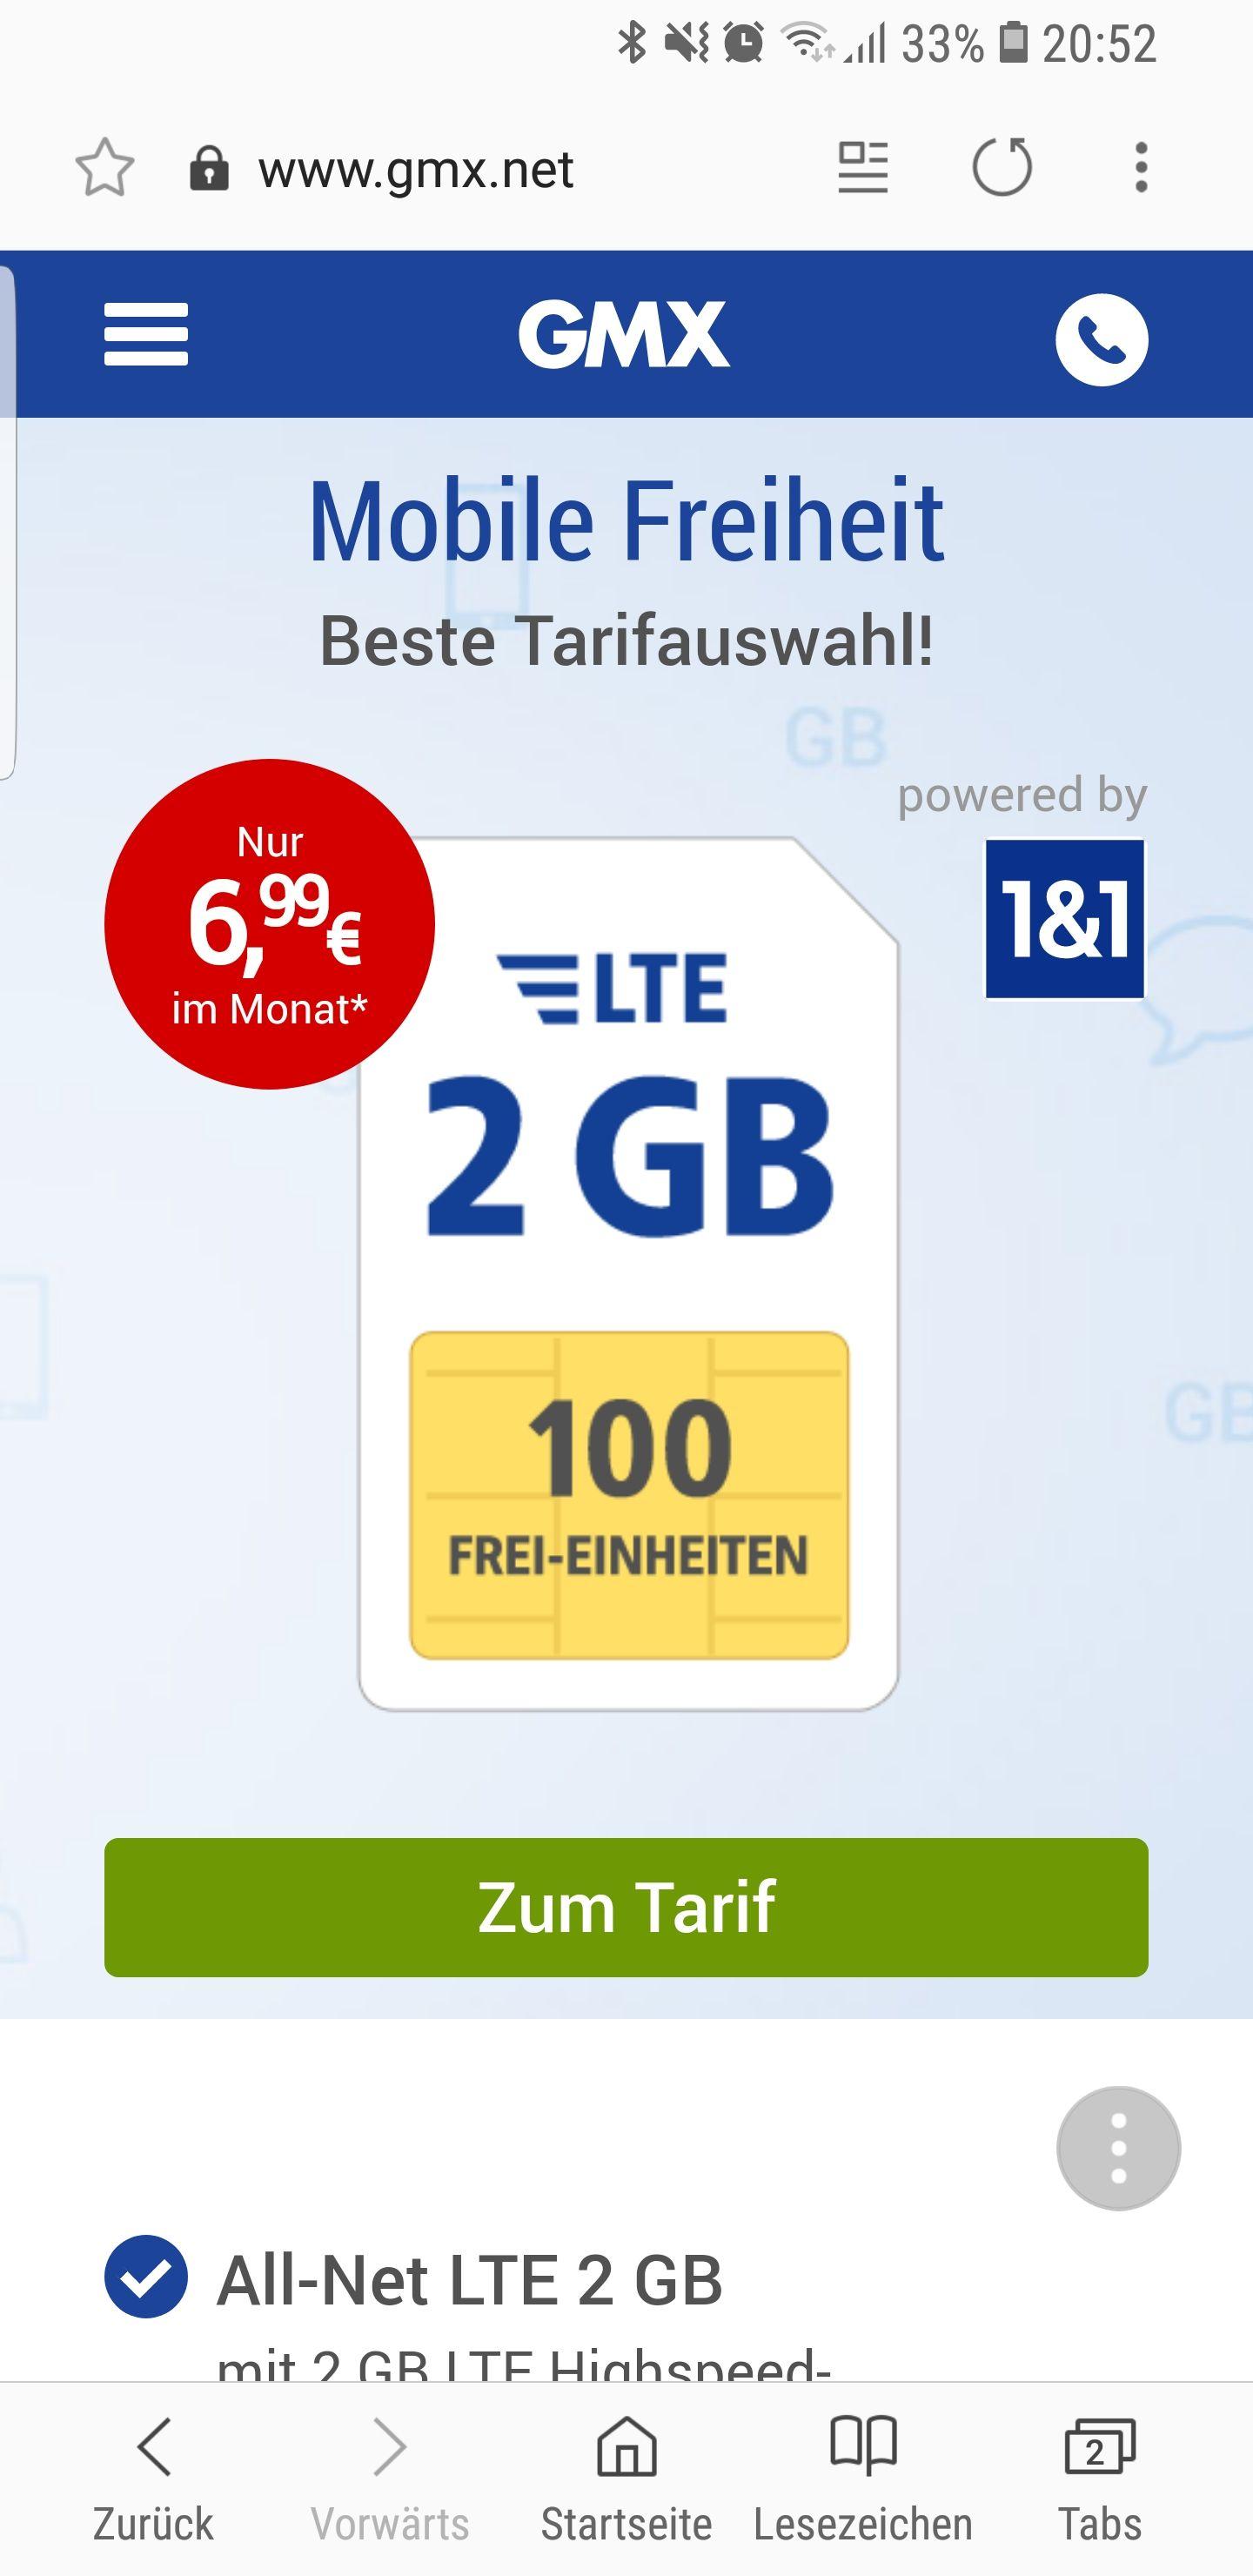 All-Net LTE 2 GB mit 2 GB LTE Highspeed-Datenvolumen